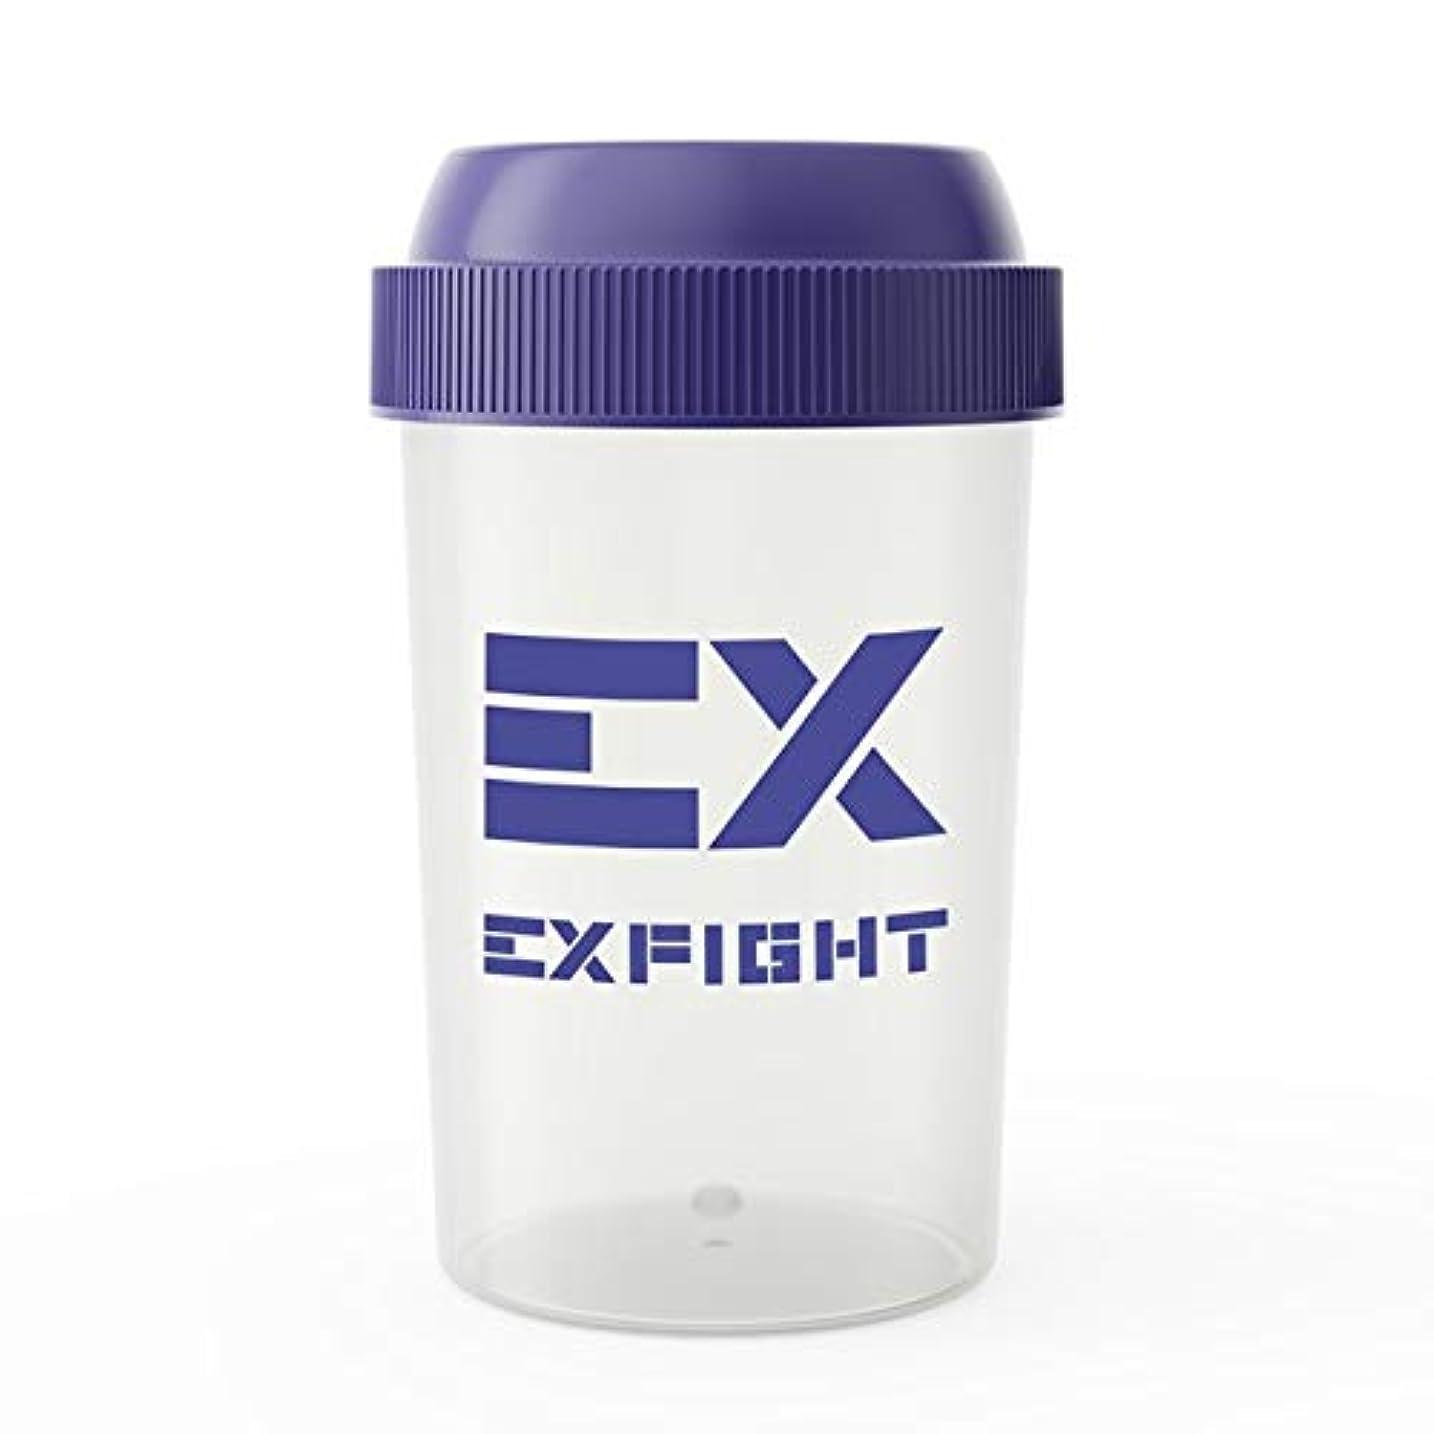 フィヨルド容器田舎者EX-SHAKER シェイカーボトル ブルー 300ml(エクスサプリ EXSUPPLI シェーカー EXILE サプリ)